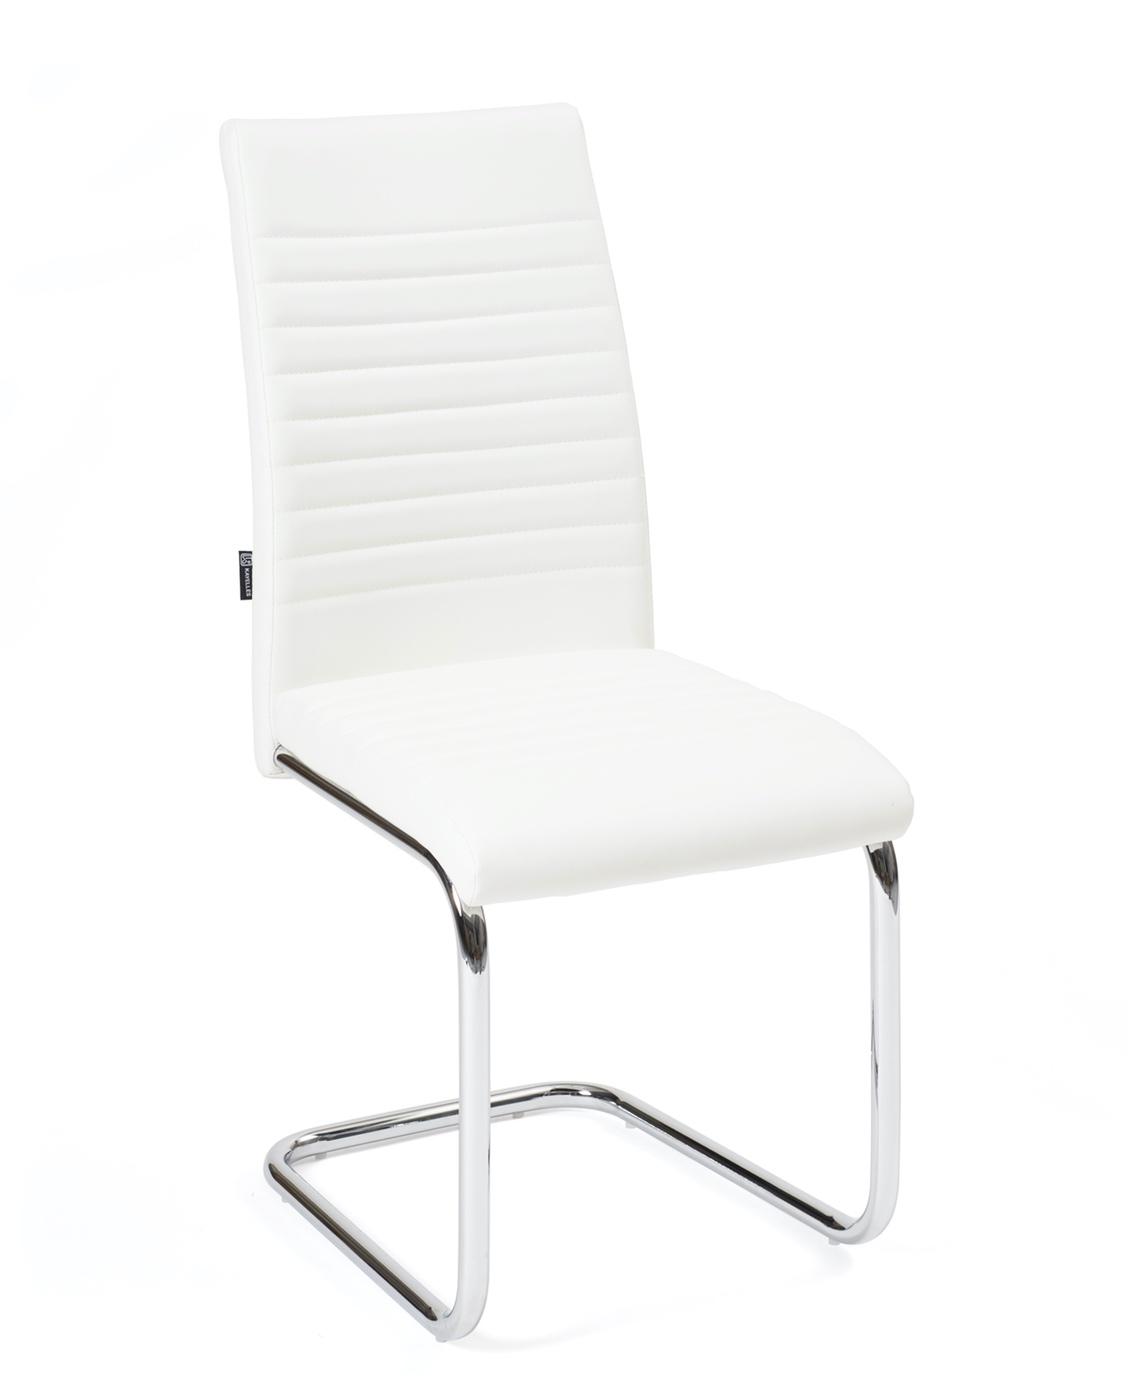 chaises salle a manger design opus lot de 4